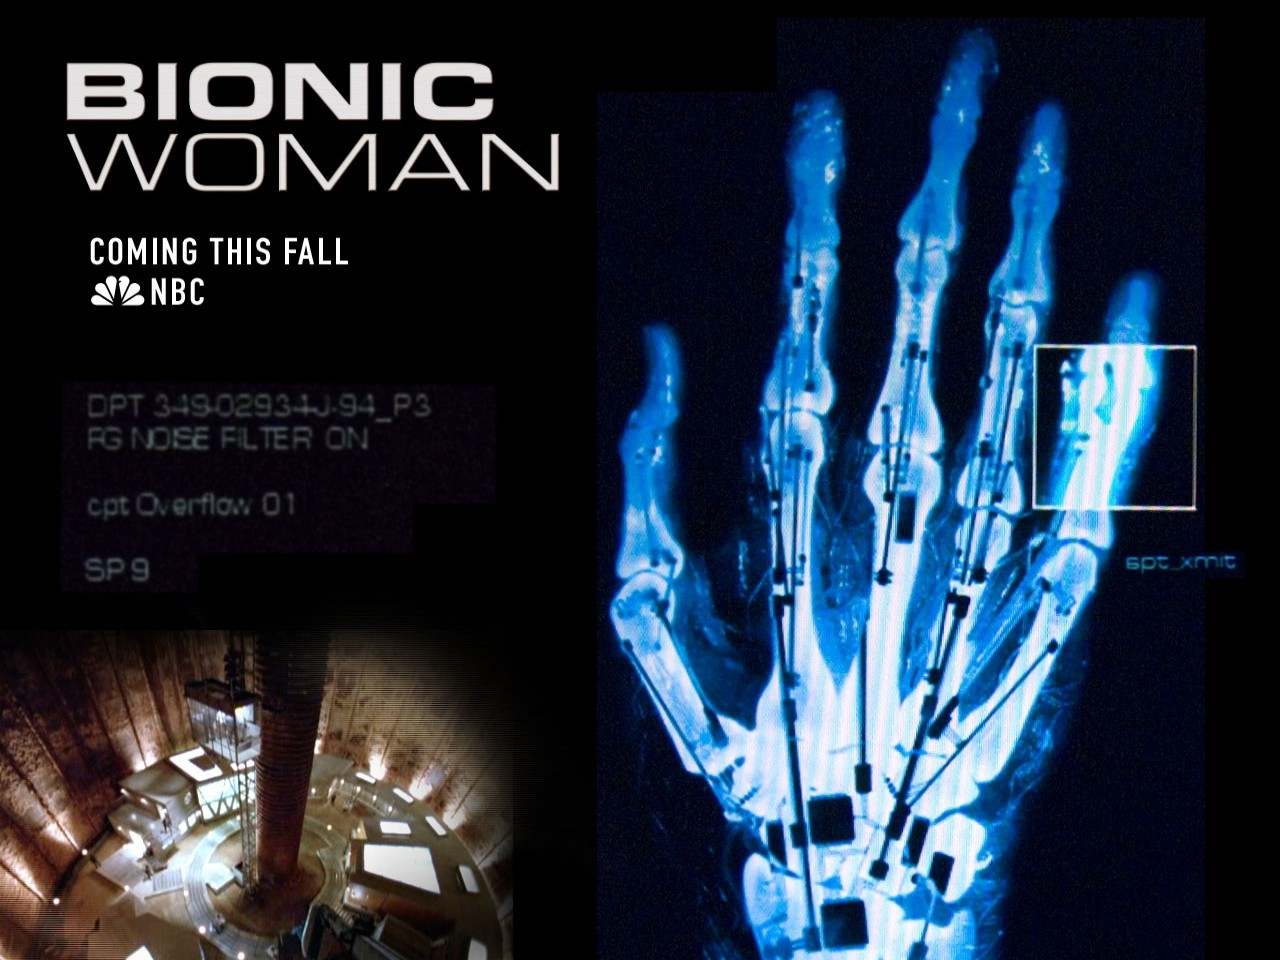 Un wallpaper della serie Bionic Woman